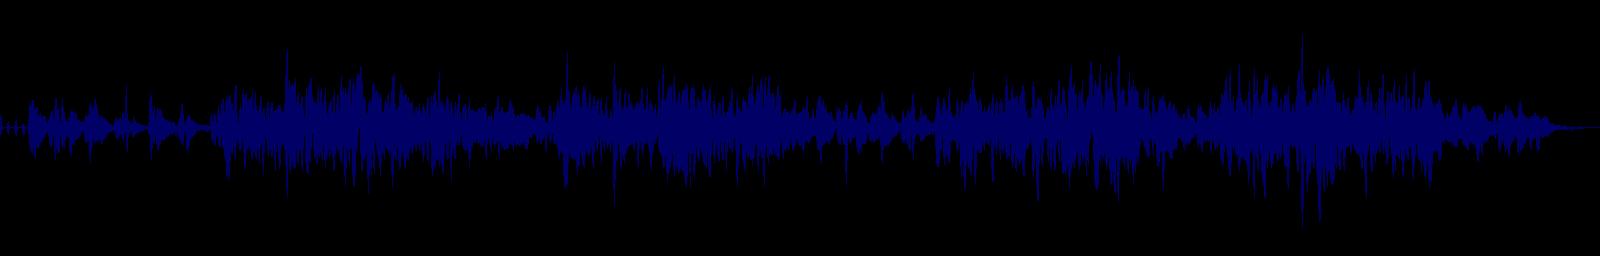 waveform of track #141718